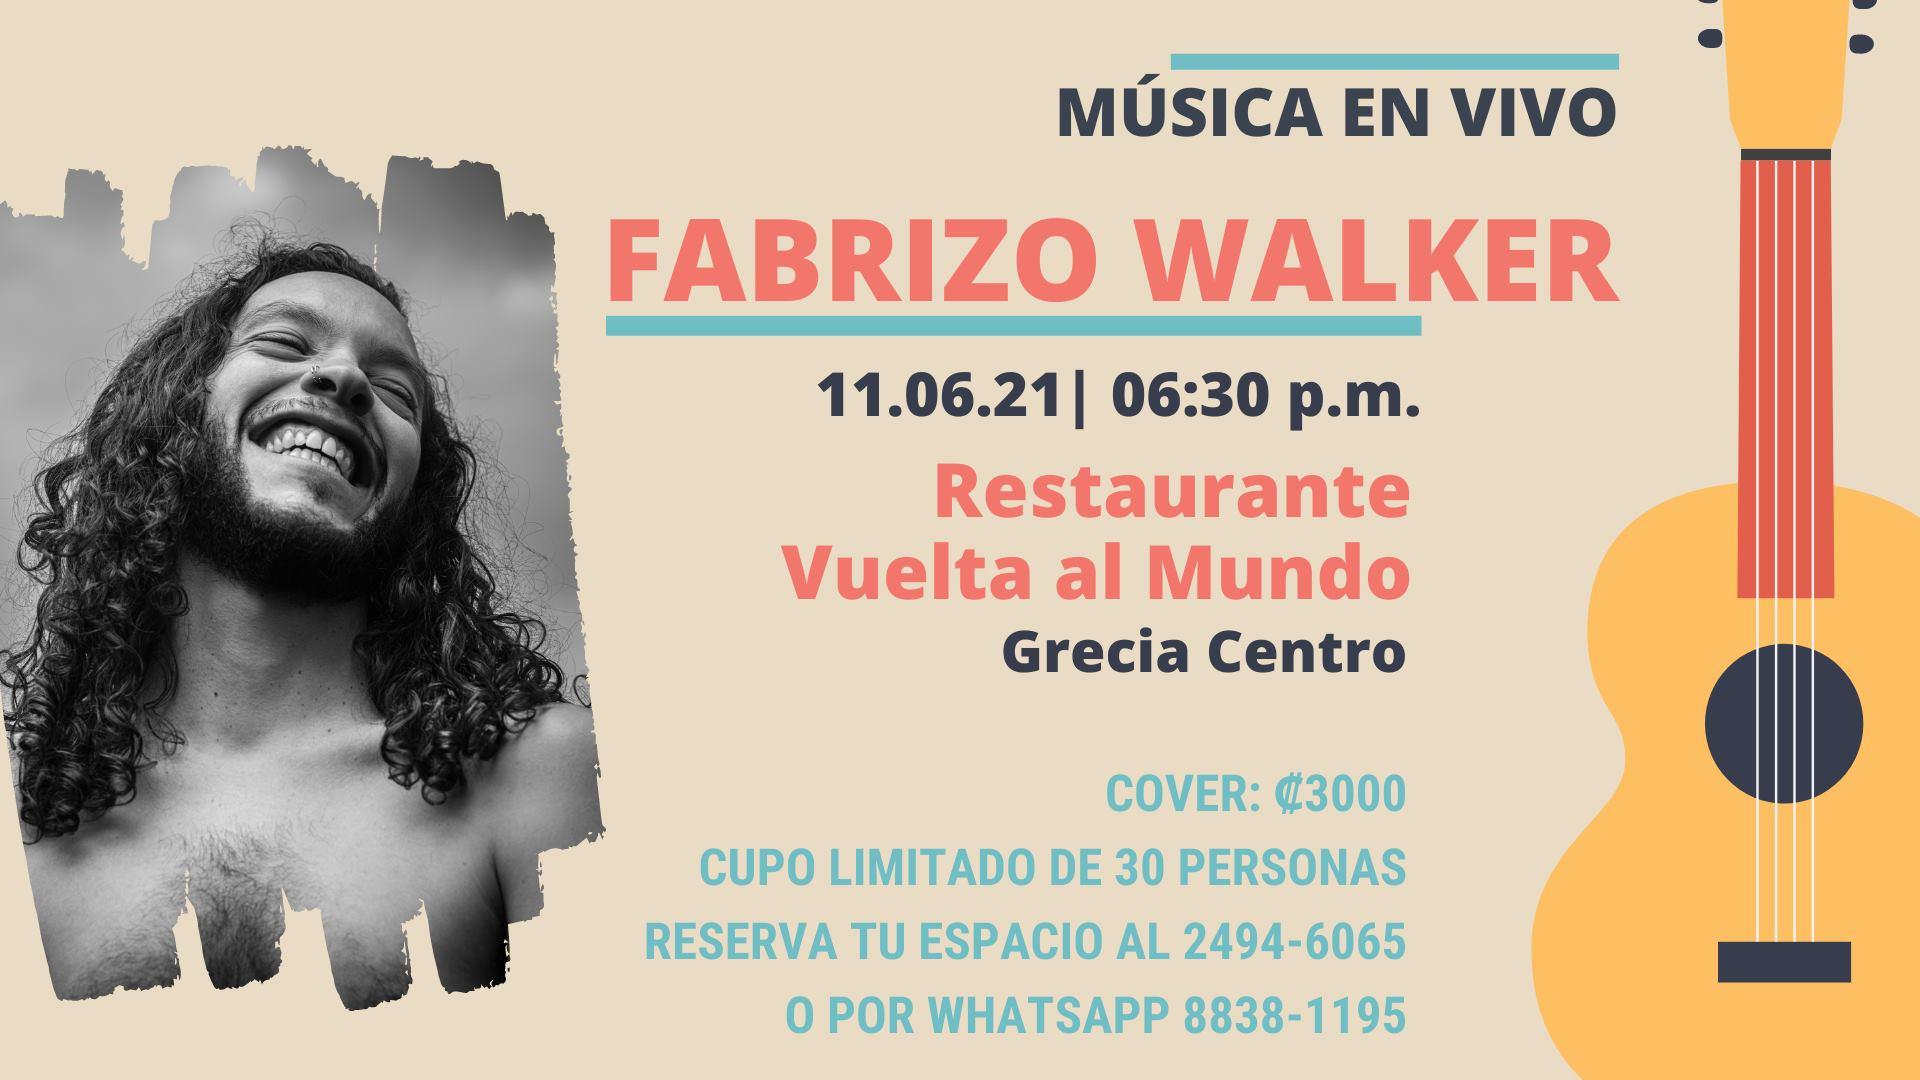 Fabrizio Walker en vivo @Vuelta al Mundo